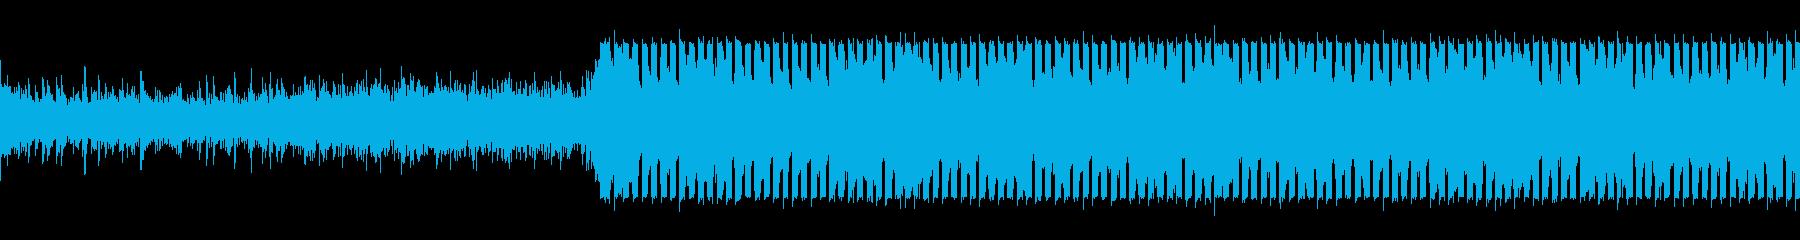 トランスのテイストを加えたEDMの再生済みの波形